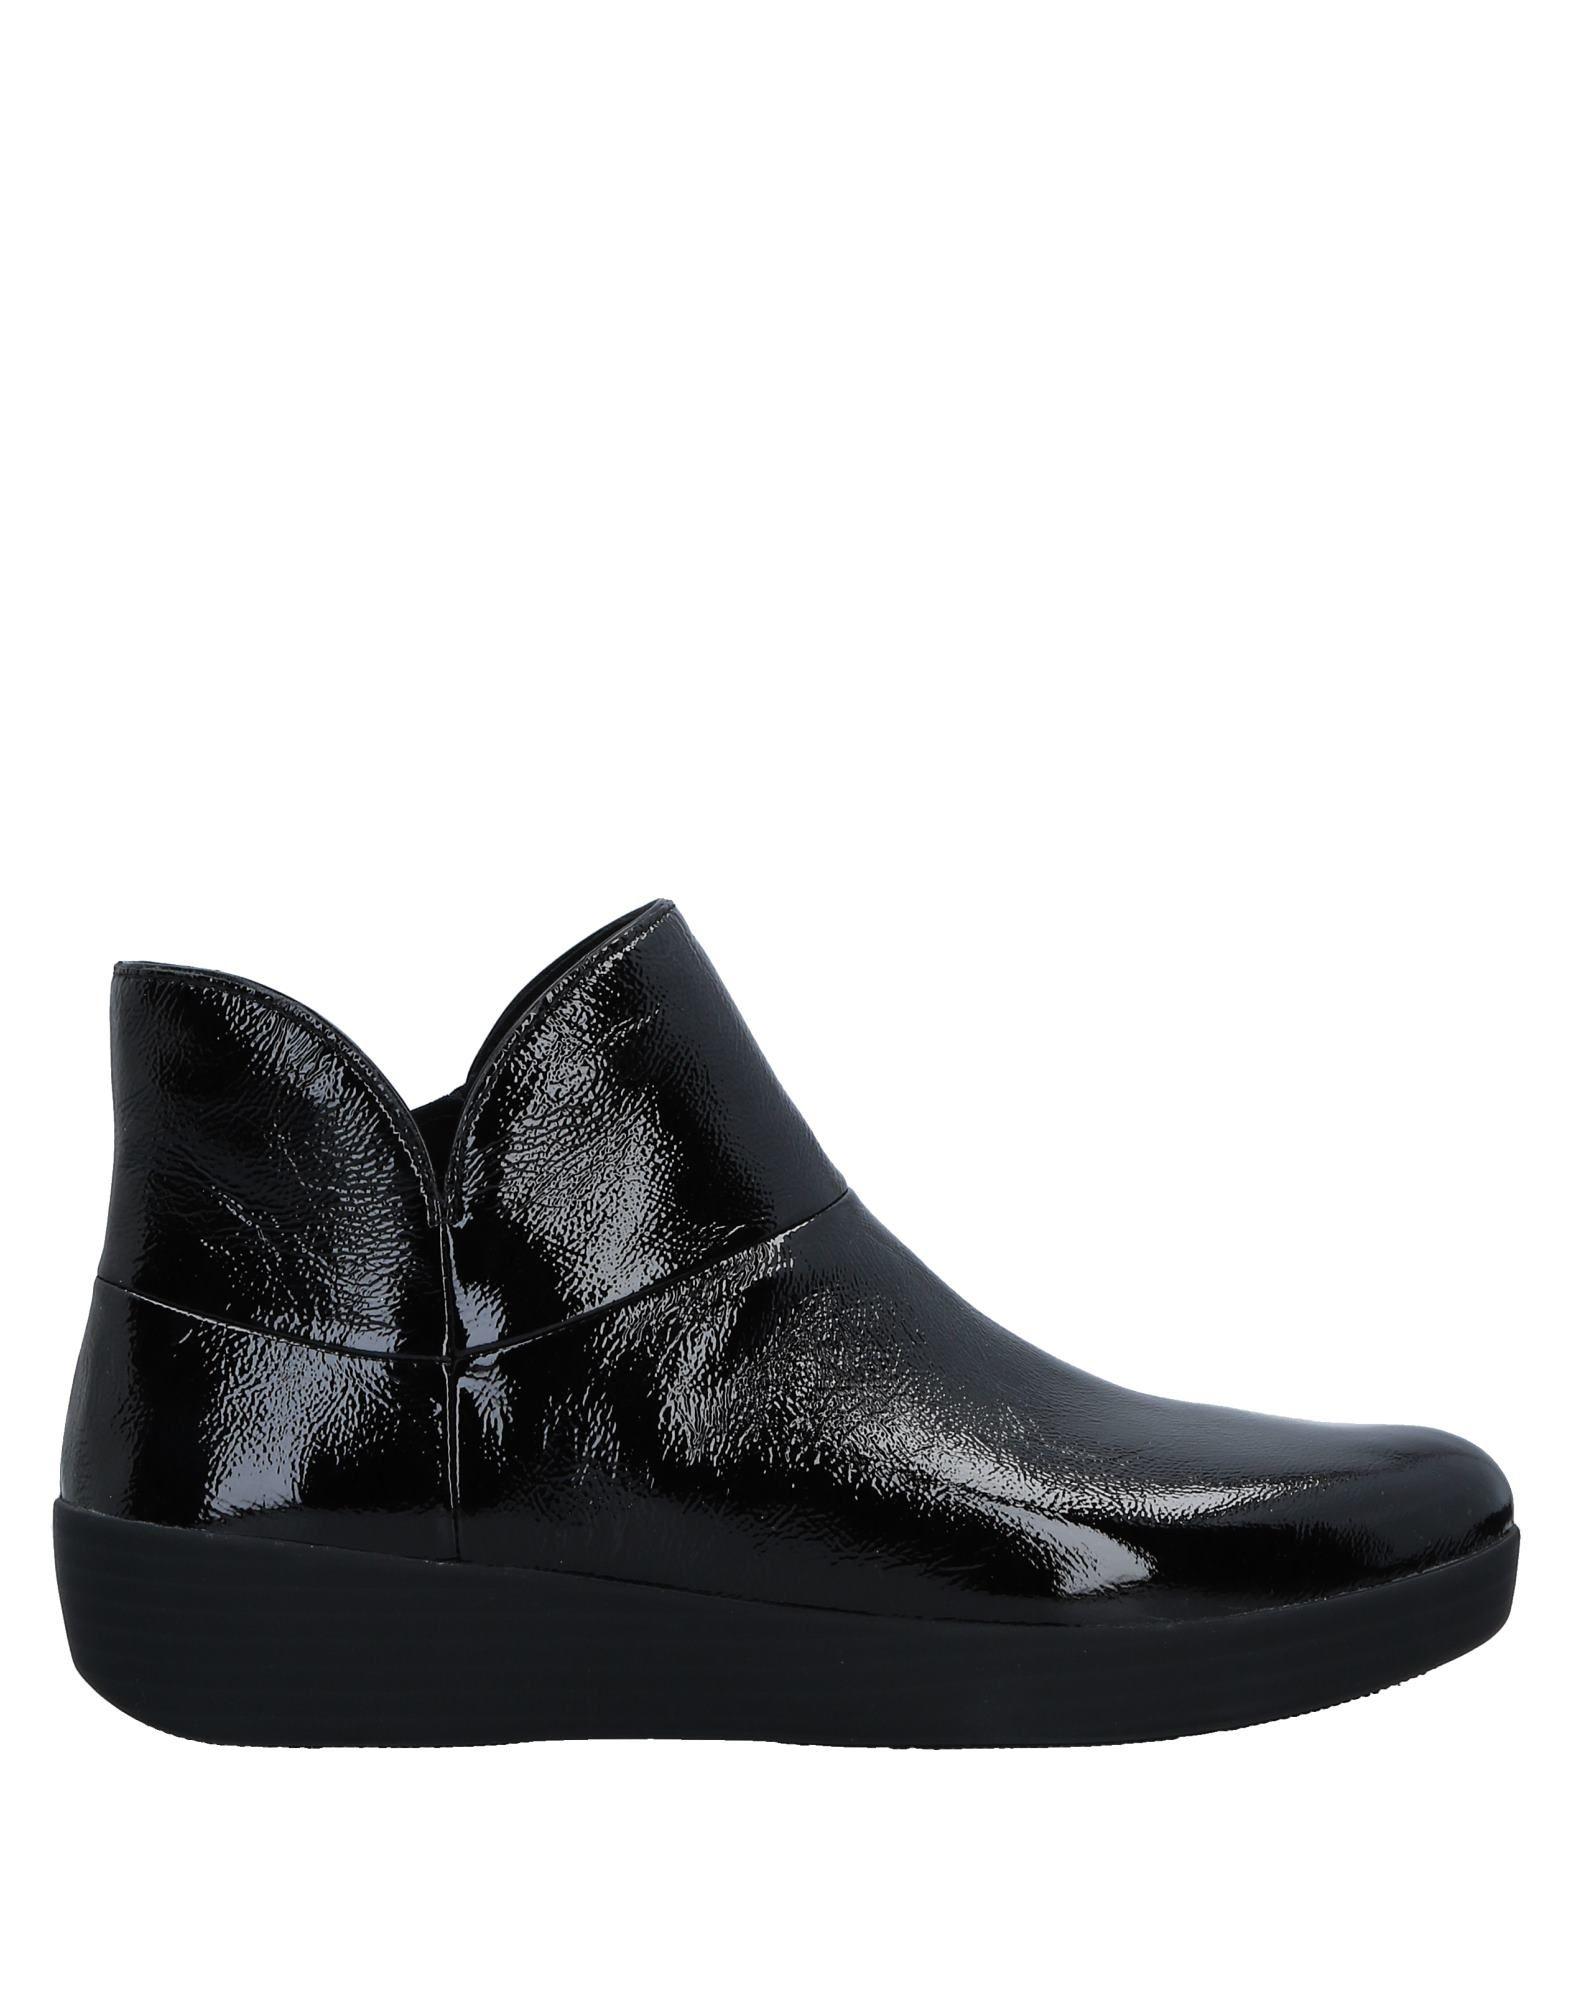 Fitflop Stiefelette Damen  11527525DW Gute Qualität beliebte Schuhe